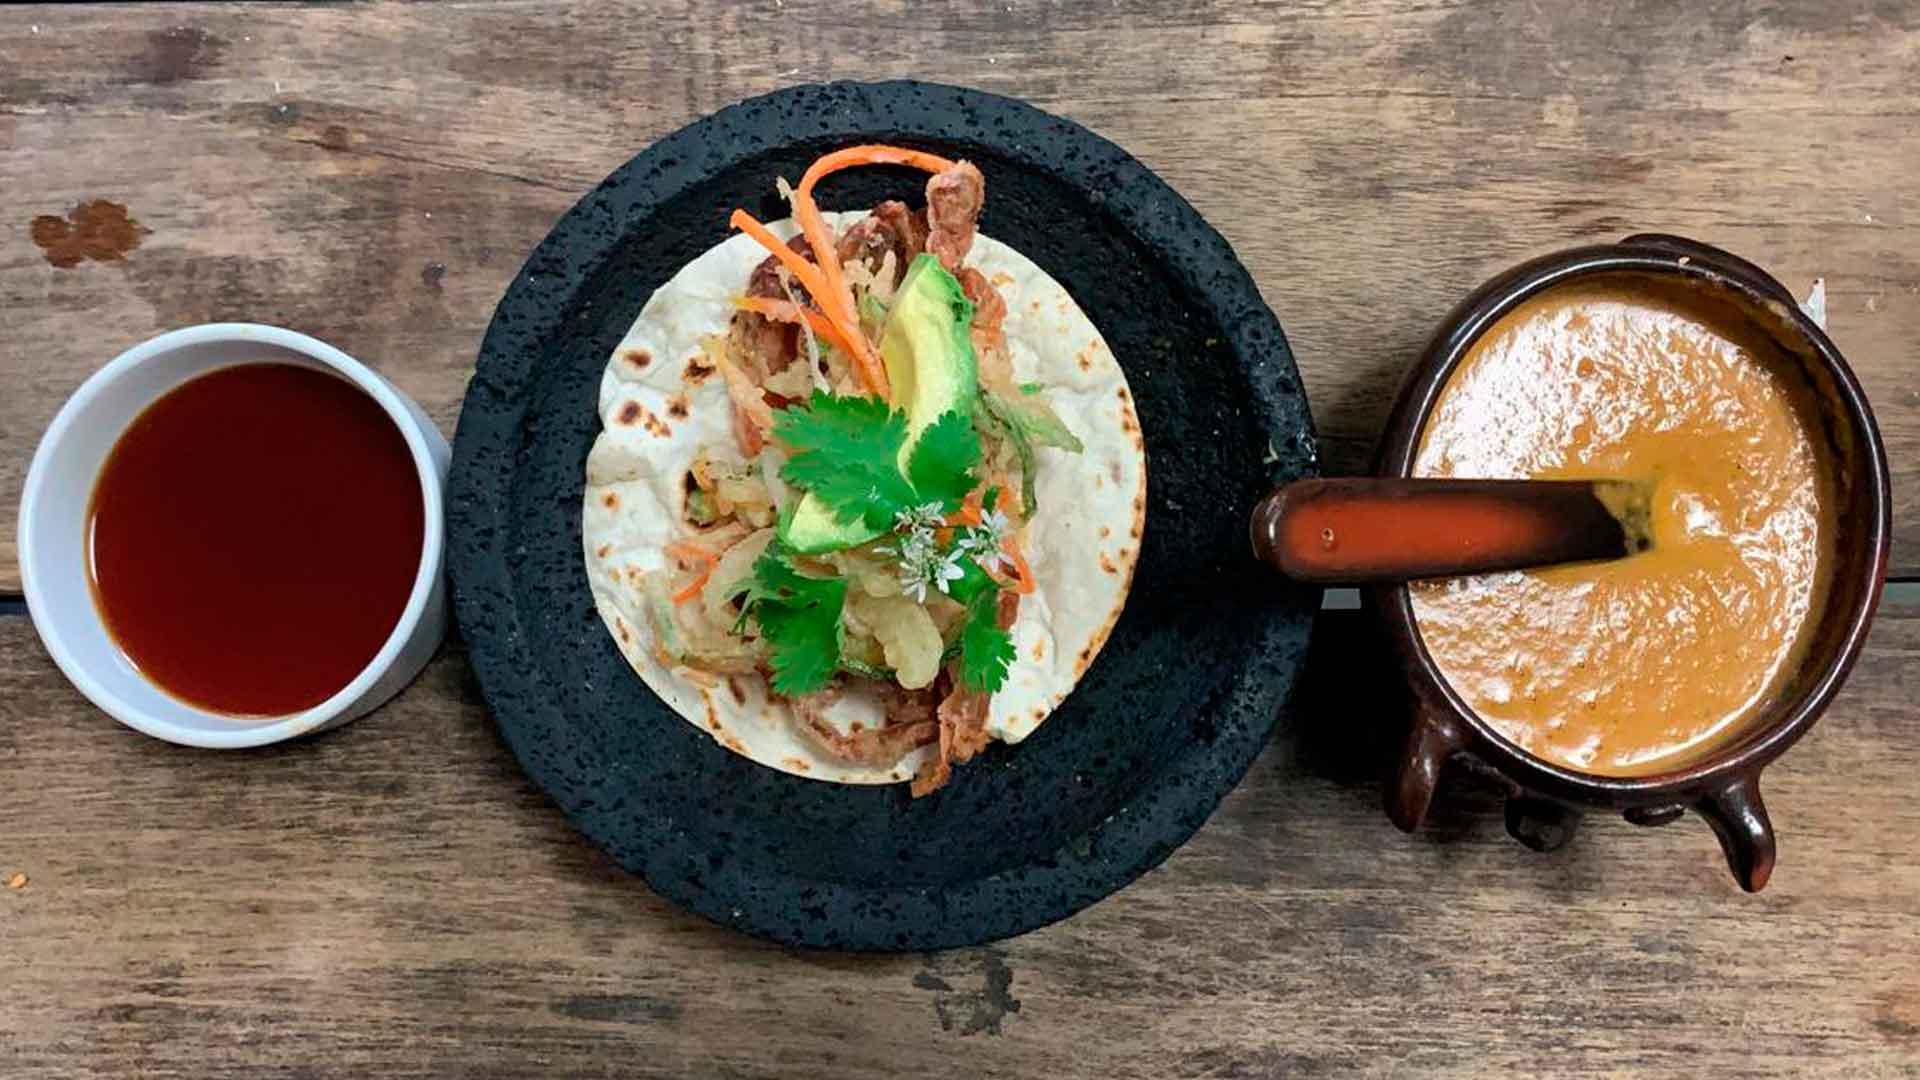 Receta de tacos de jaiba al estilo del chef Palazuelos y Koblenz